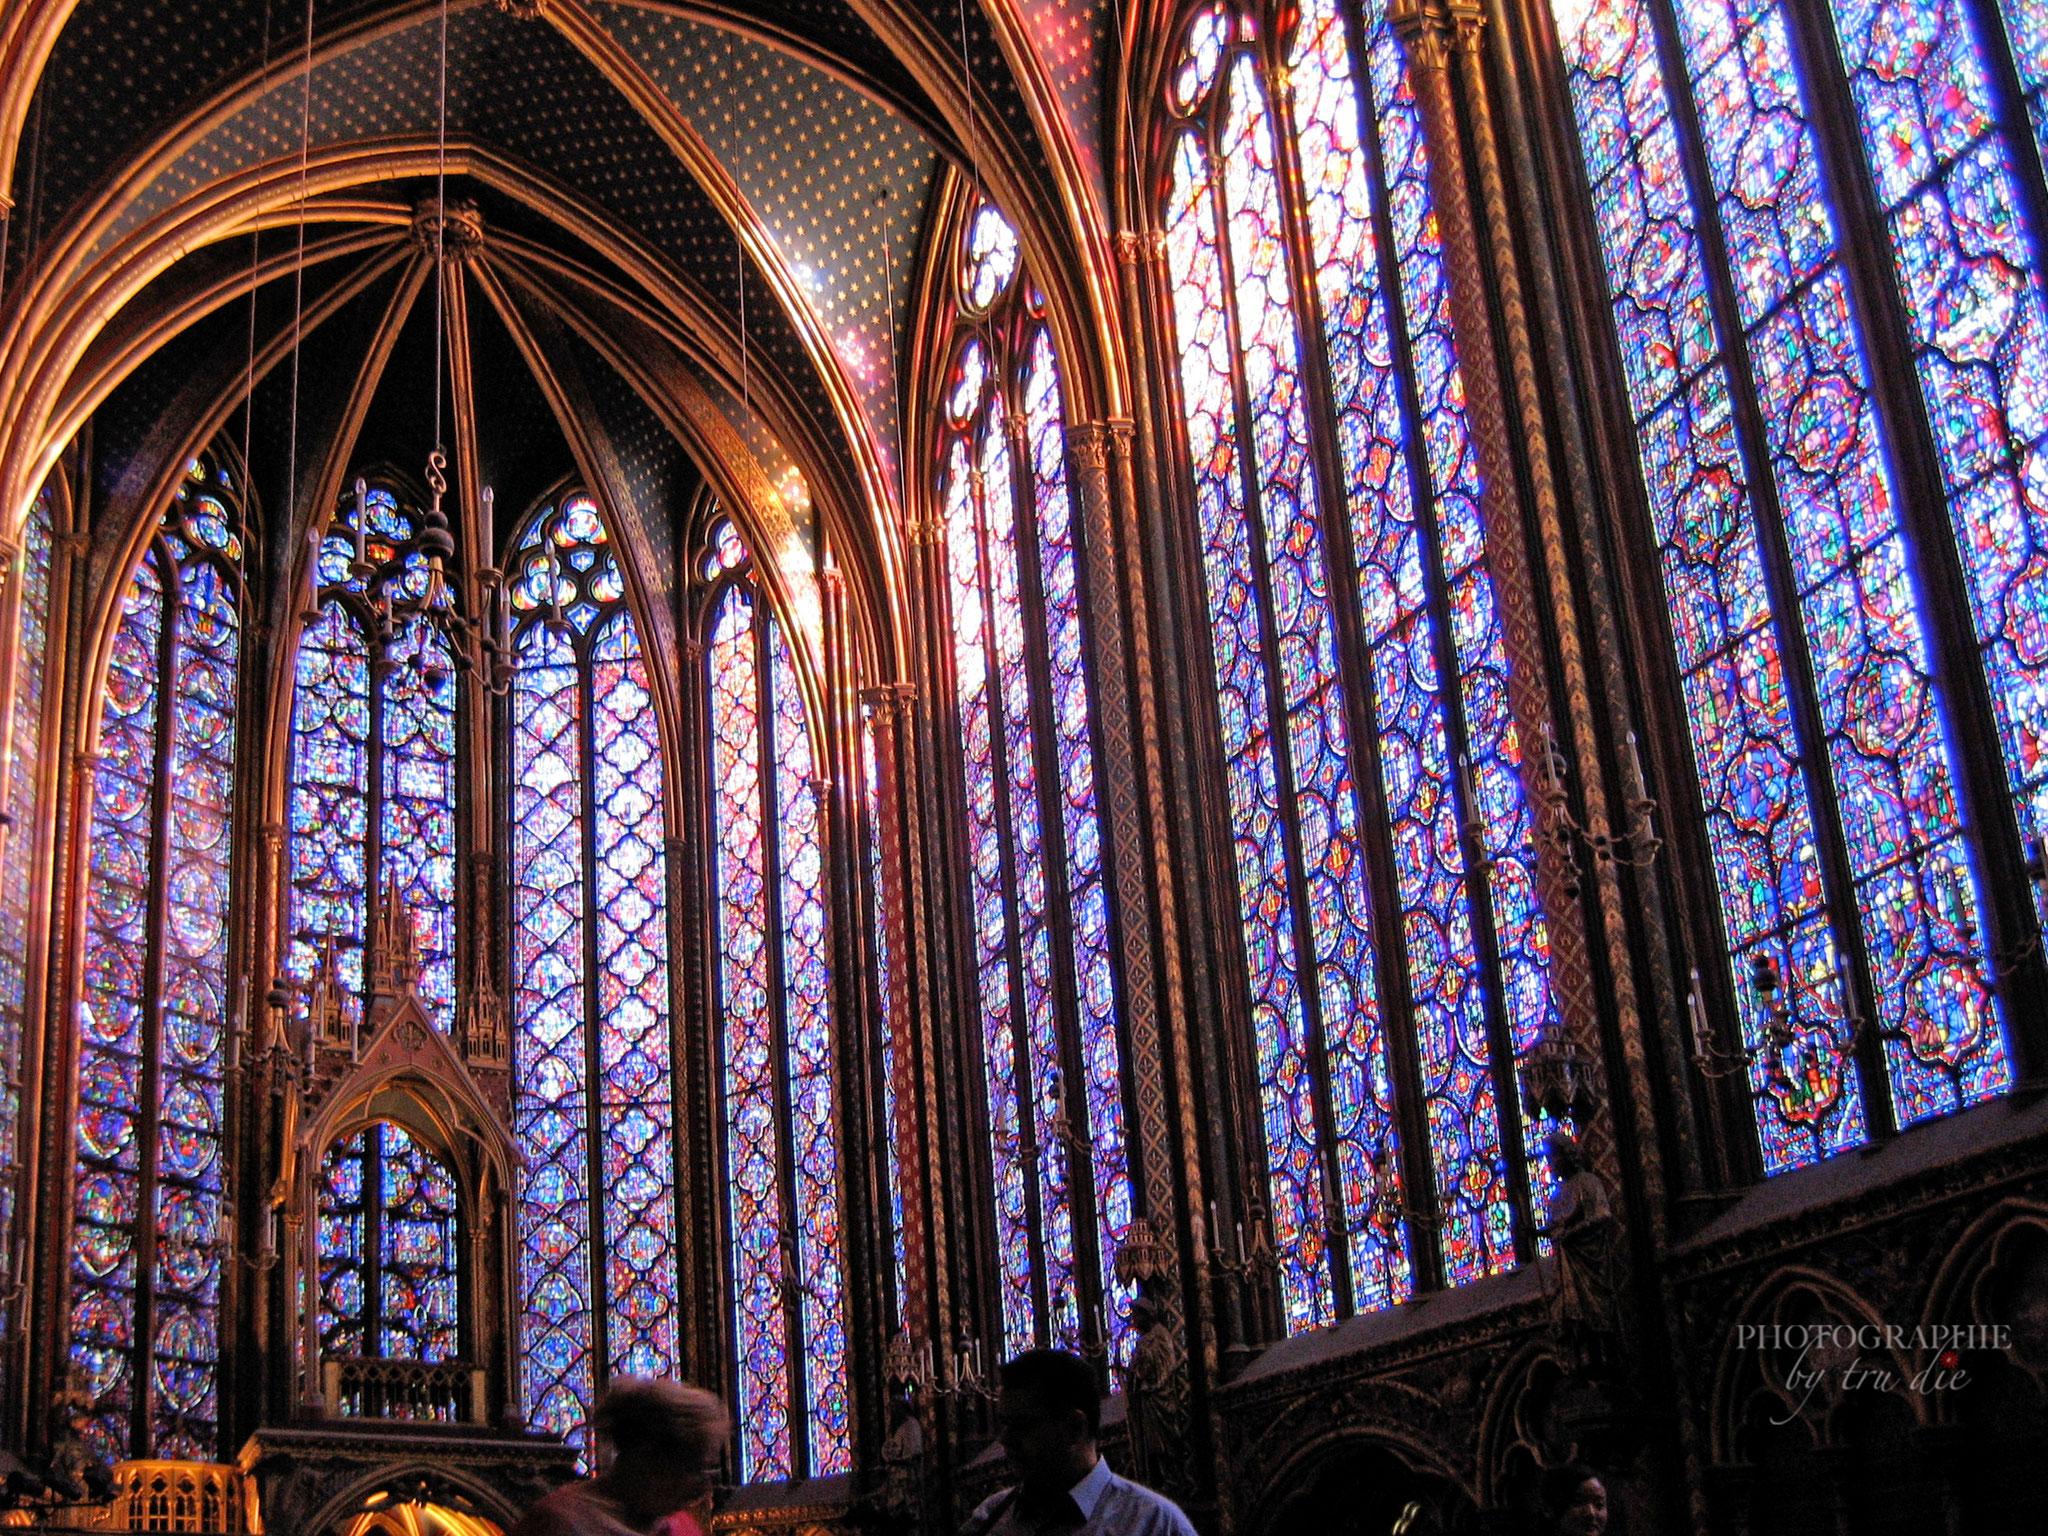 Über 600 Quadratmeter Buntglasfenster sind in der Sainte-Chapelle